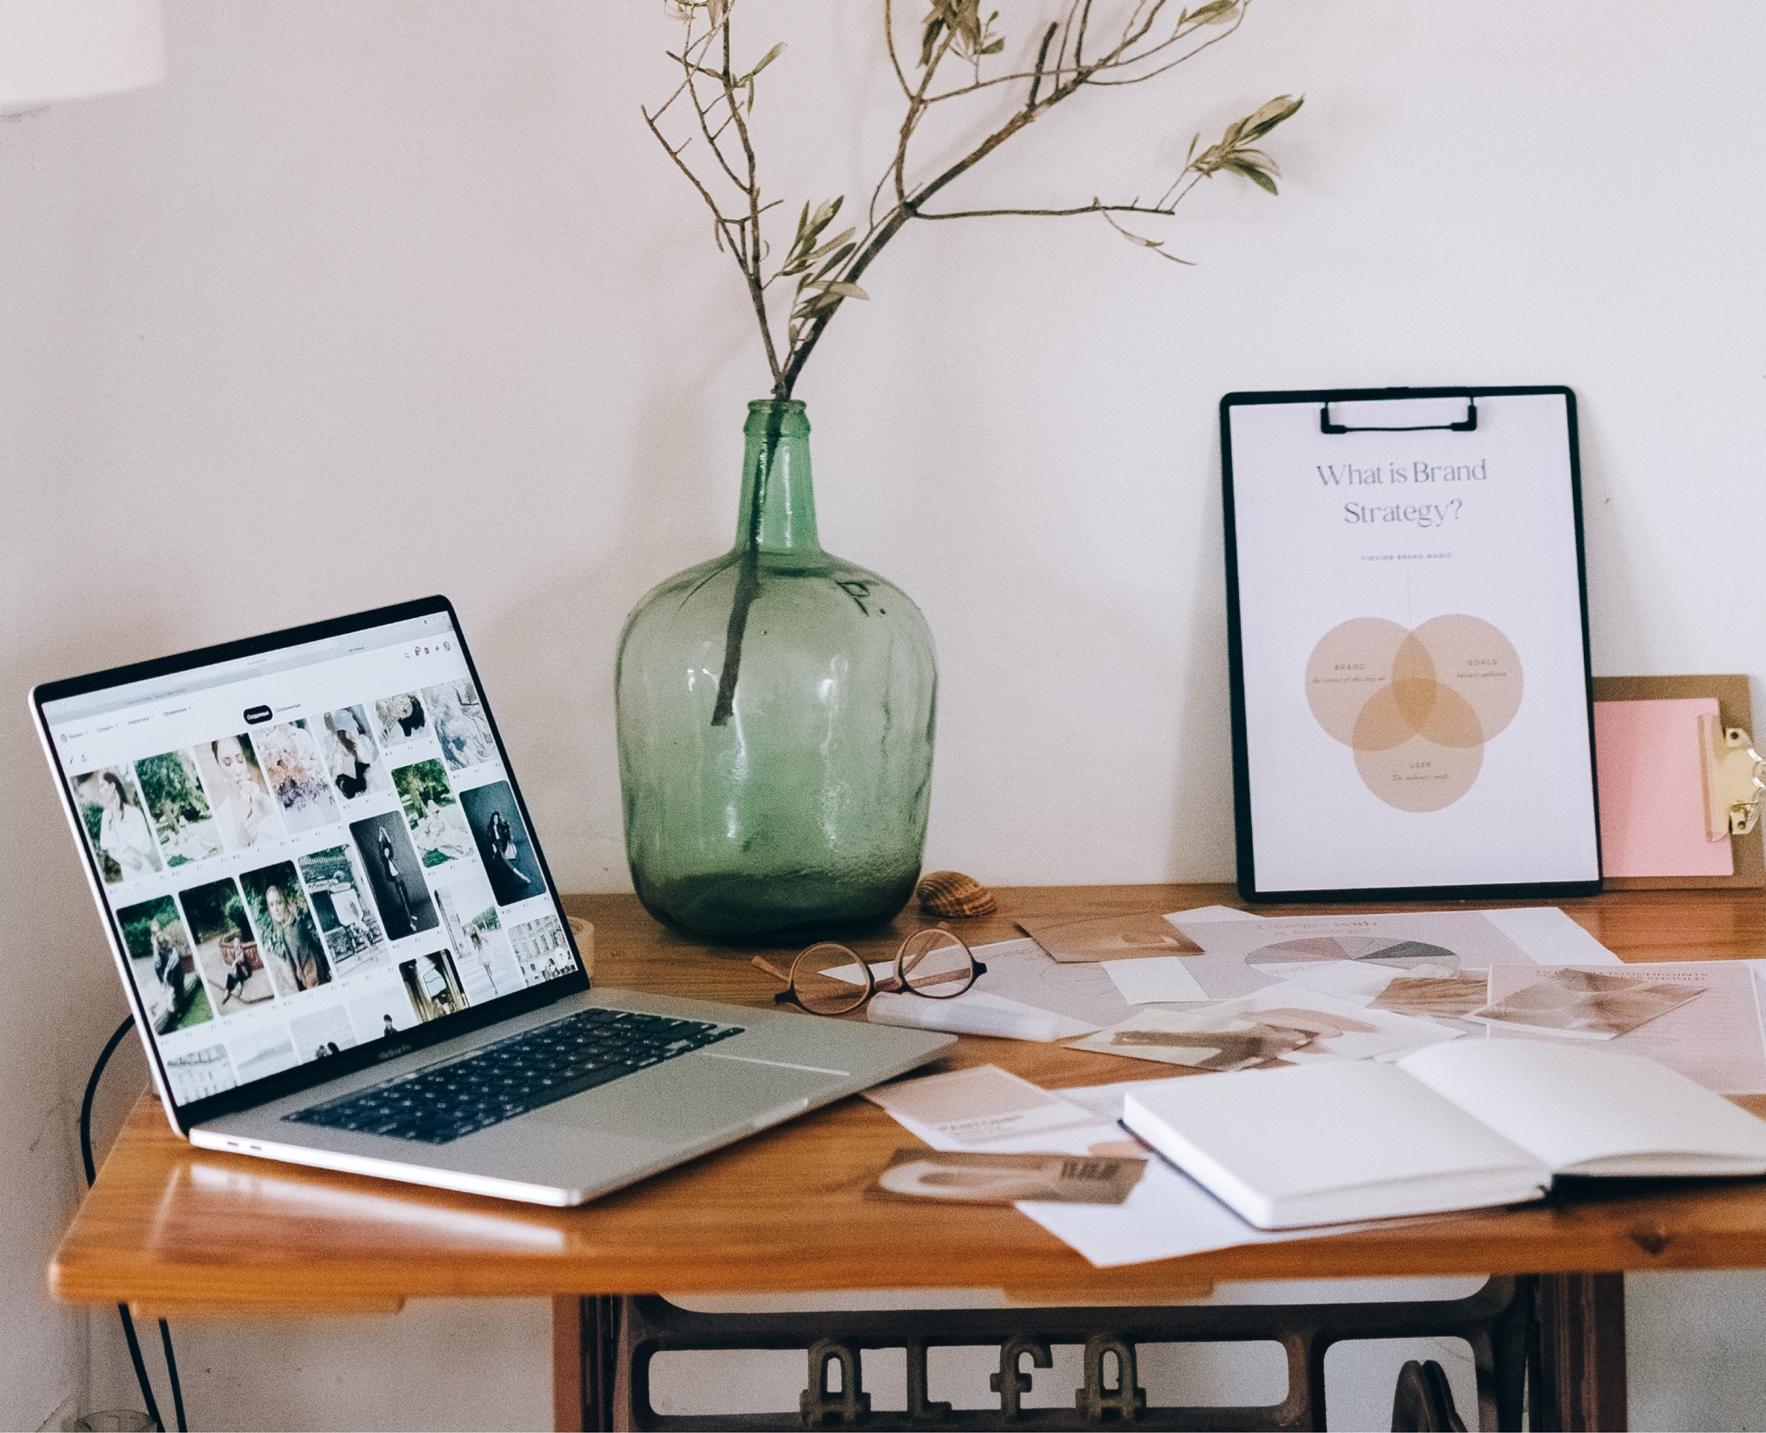 bureau avec ordinateur ouvert sur pinterest, carnet, feuilles imprimées